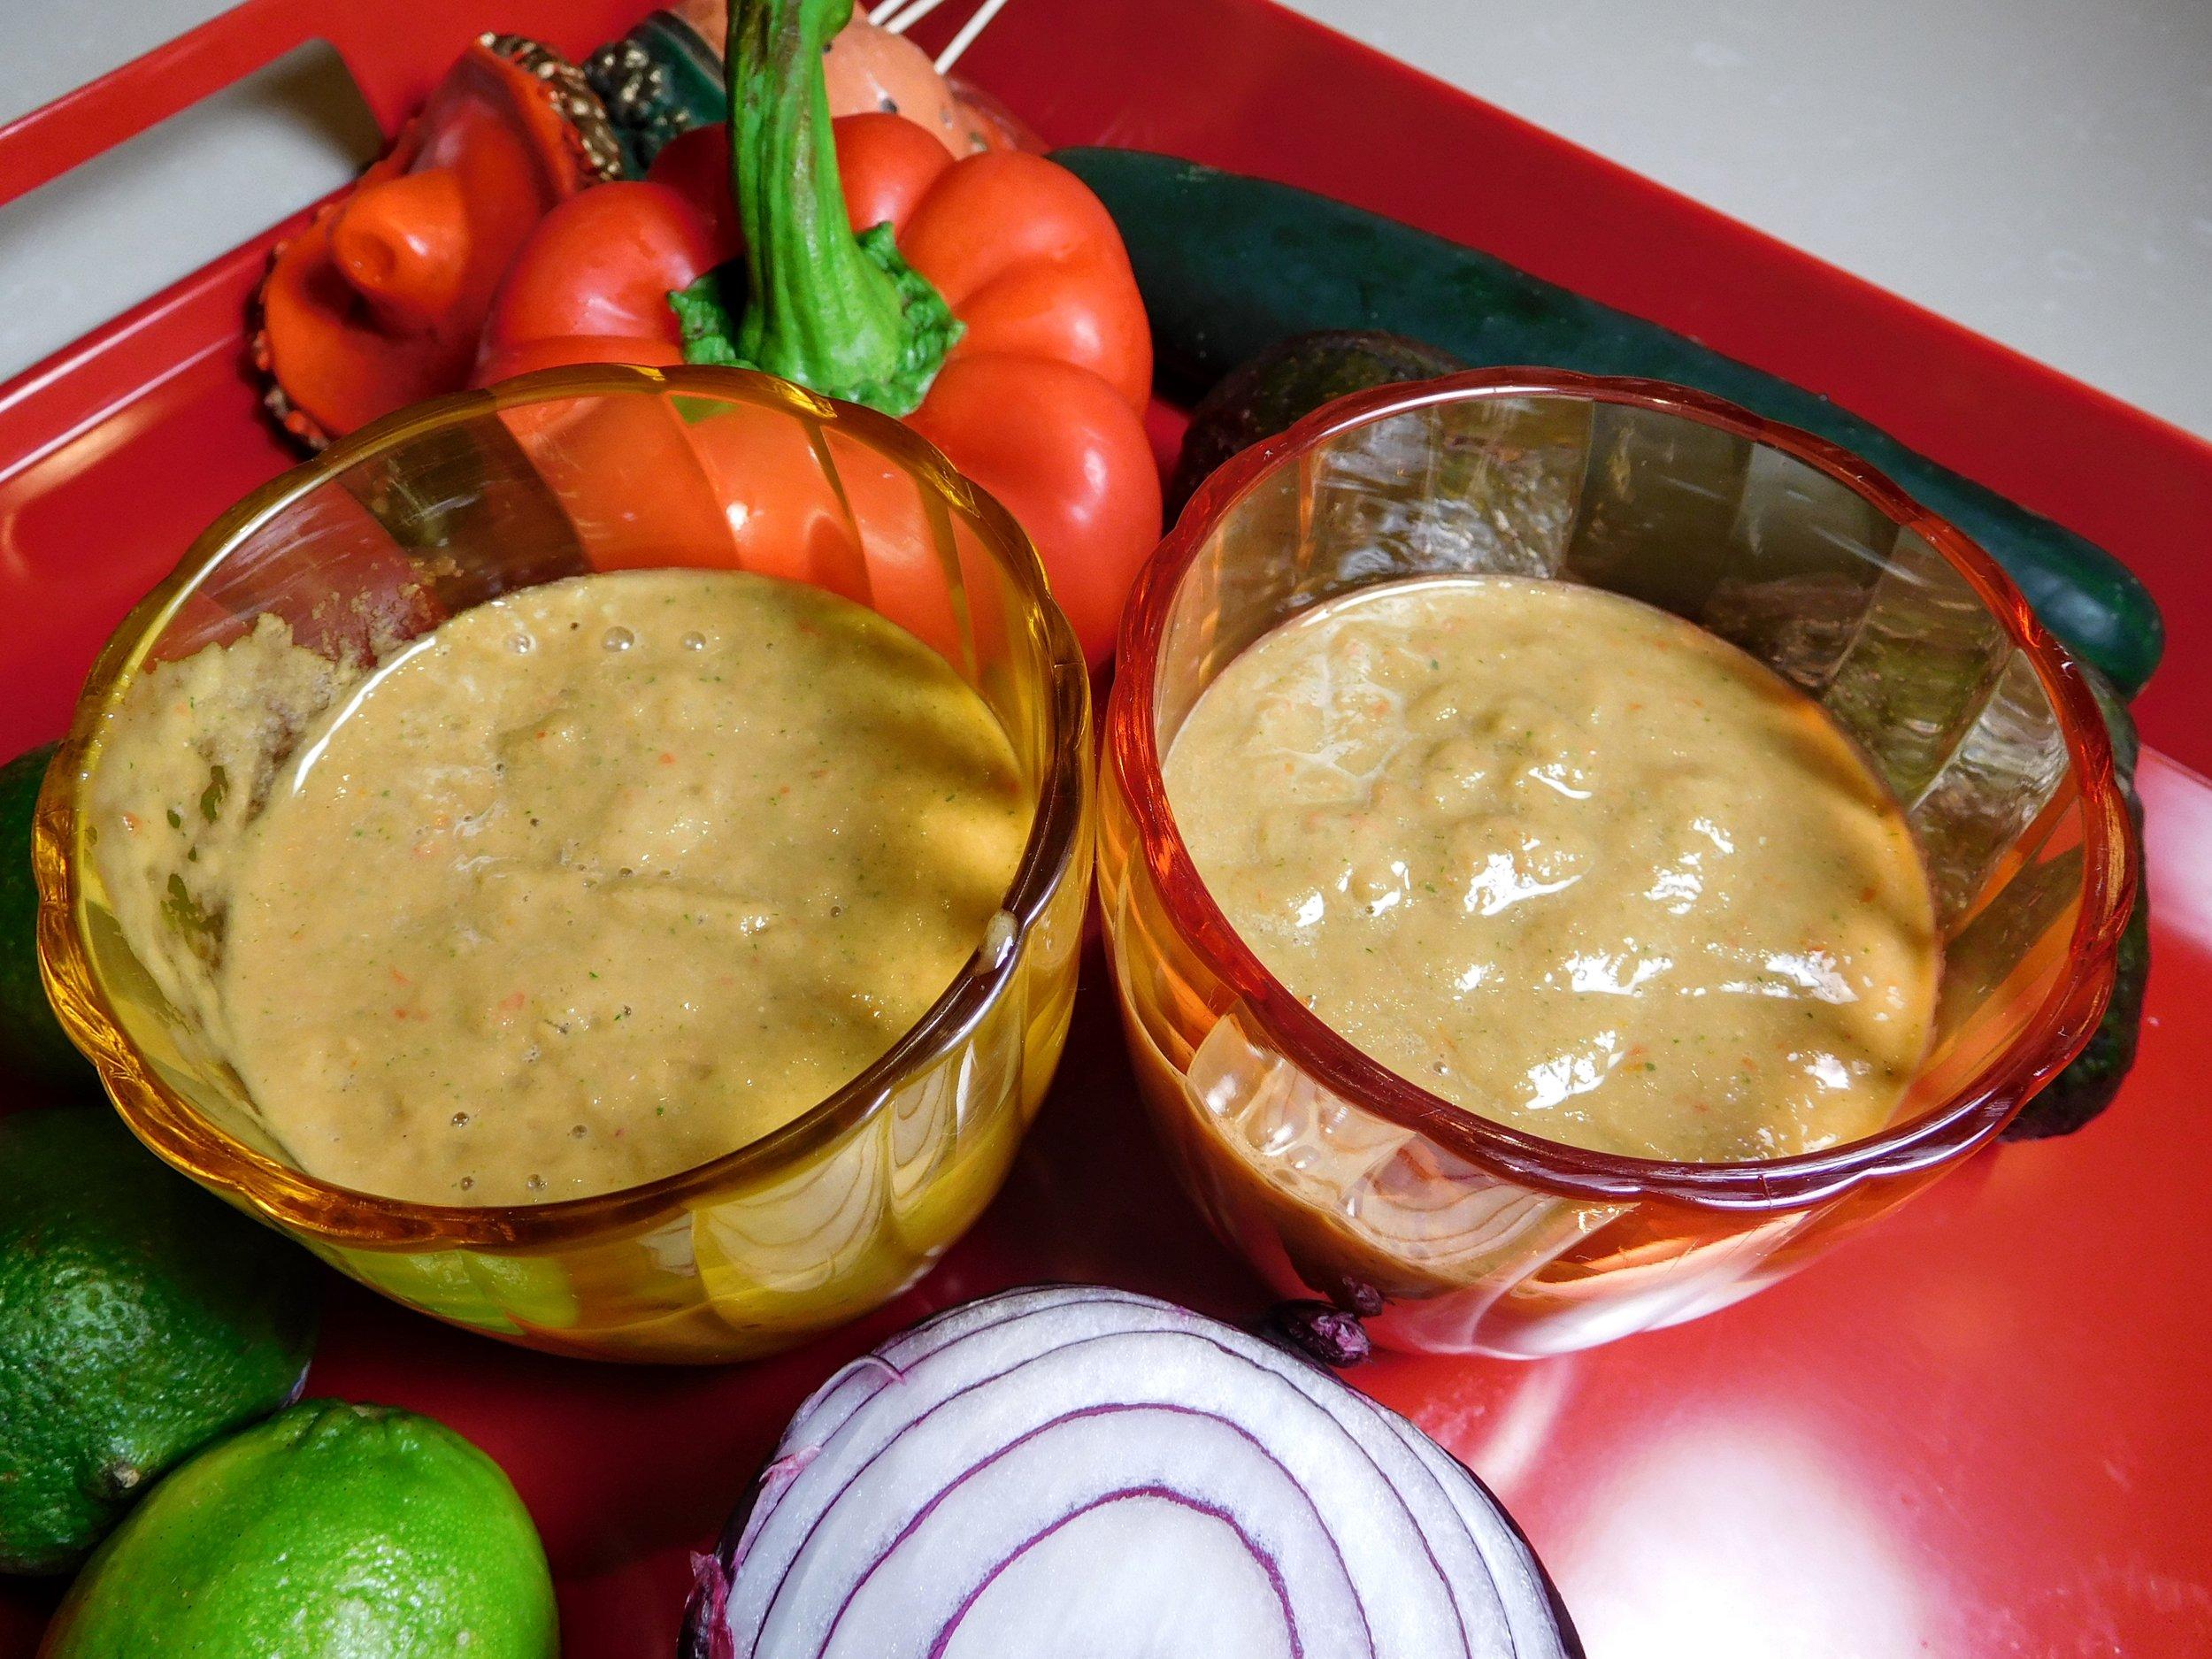 blender girl gazpacho smoothie.JPG